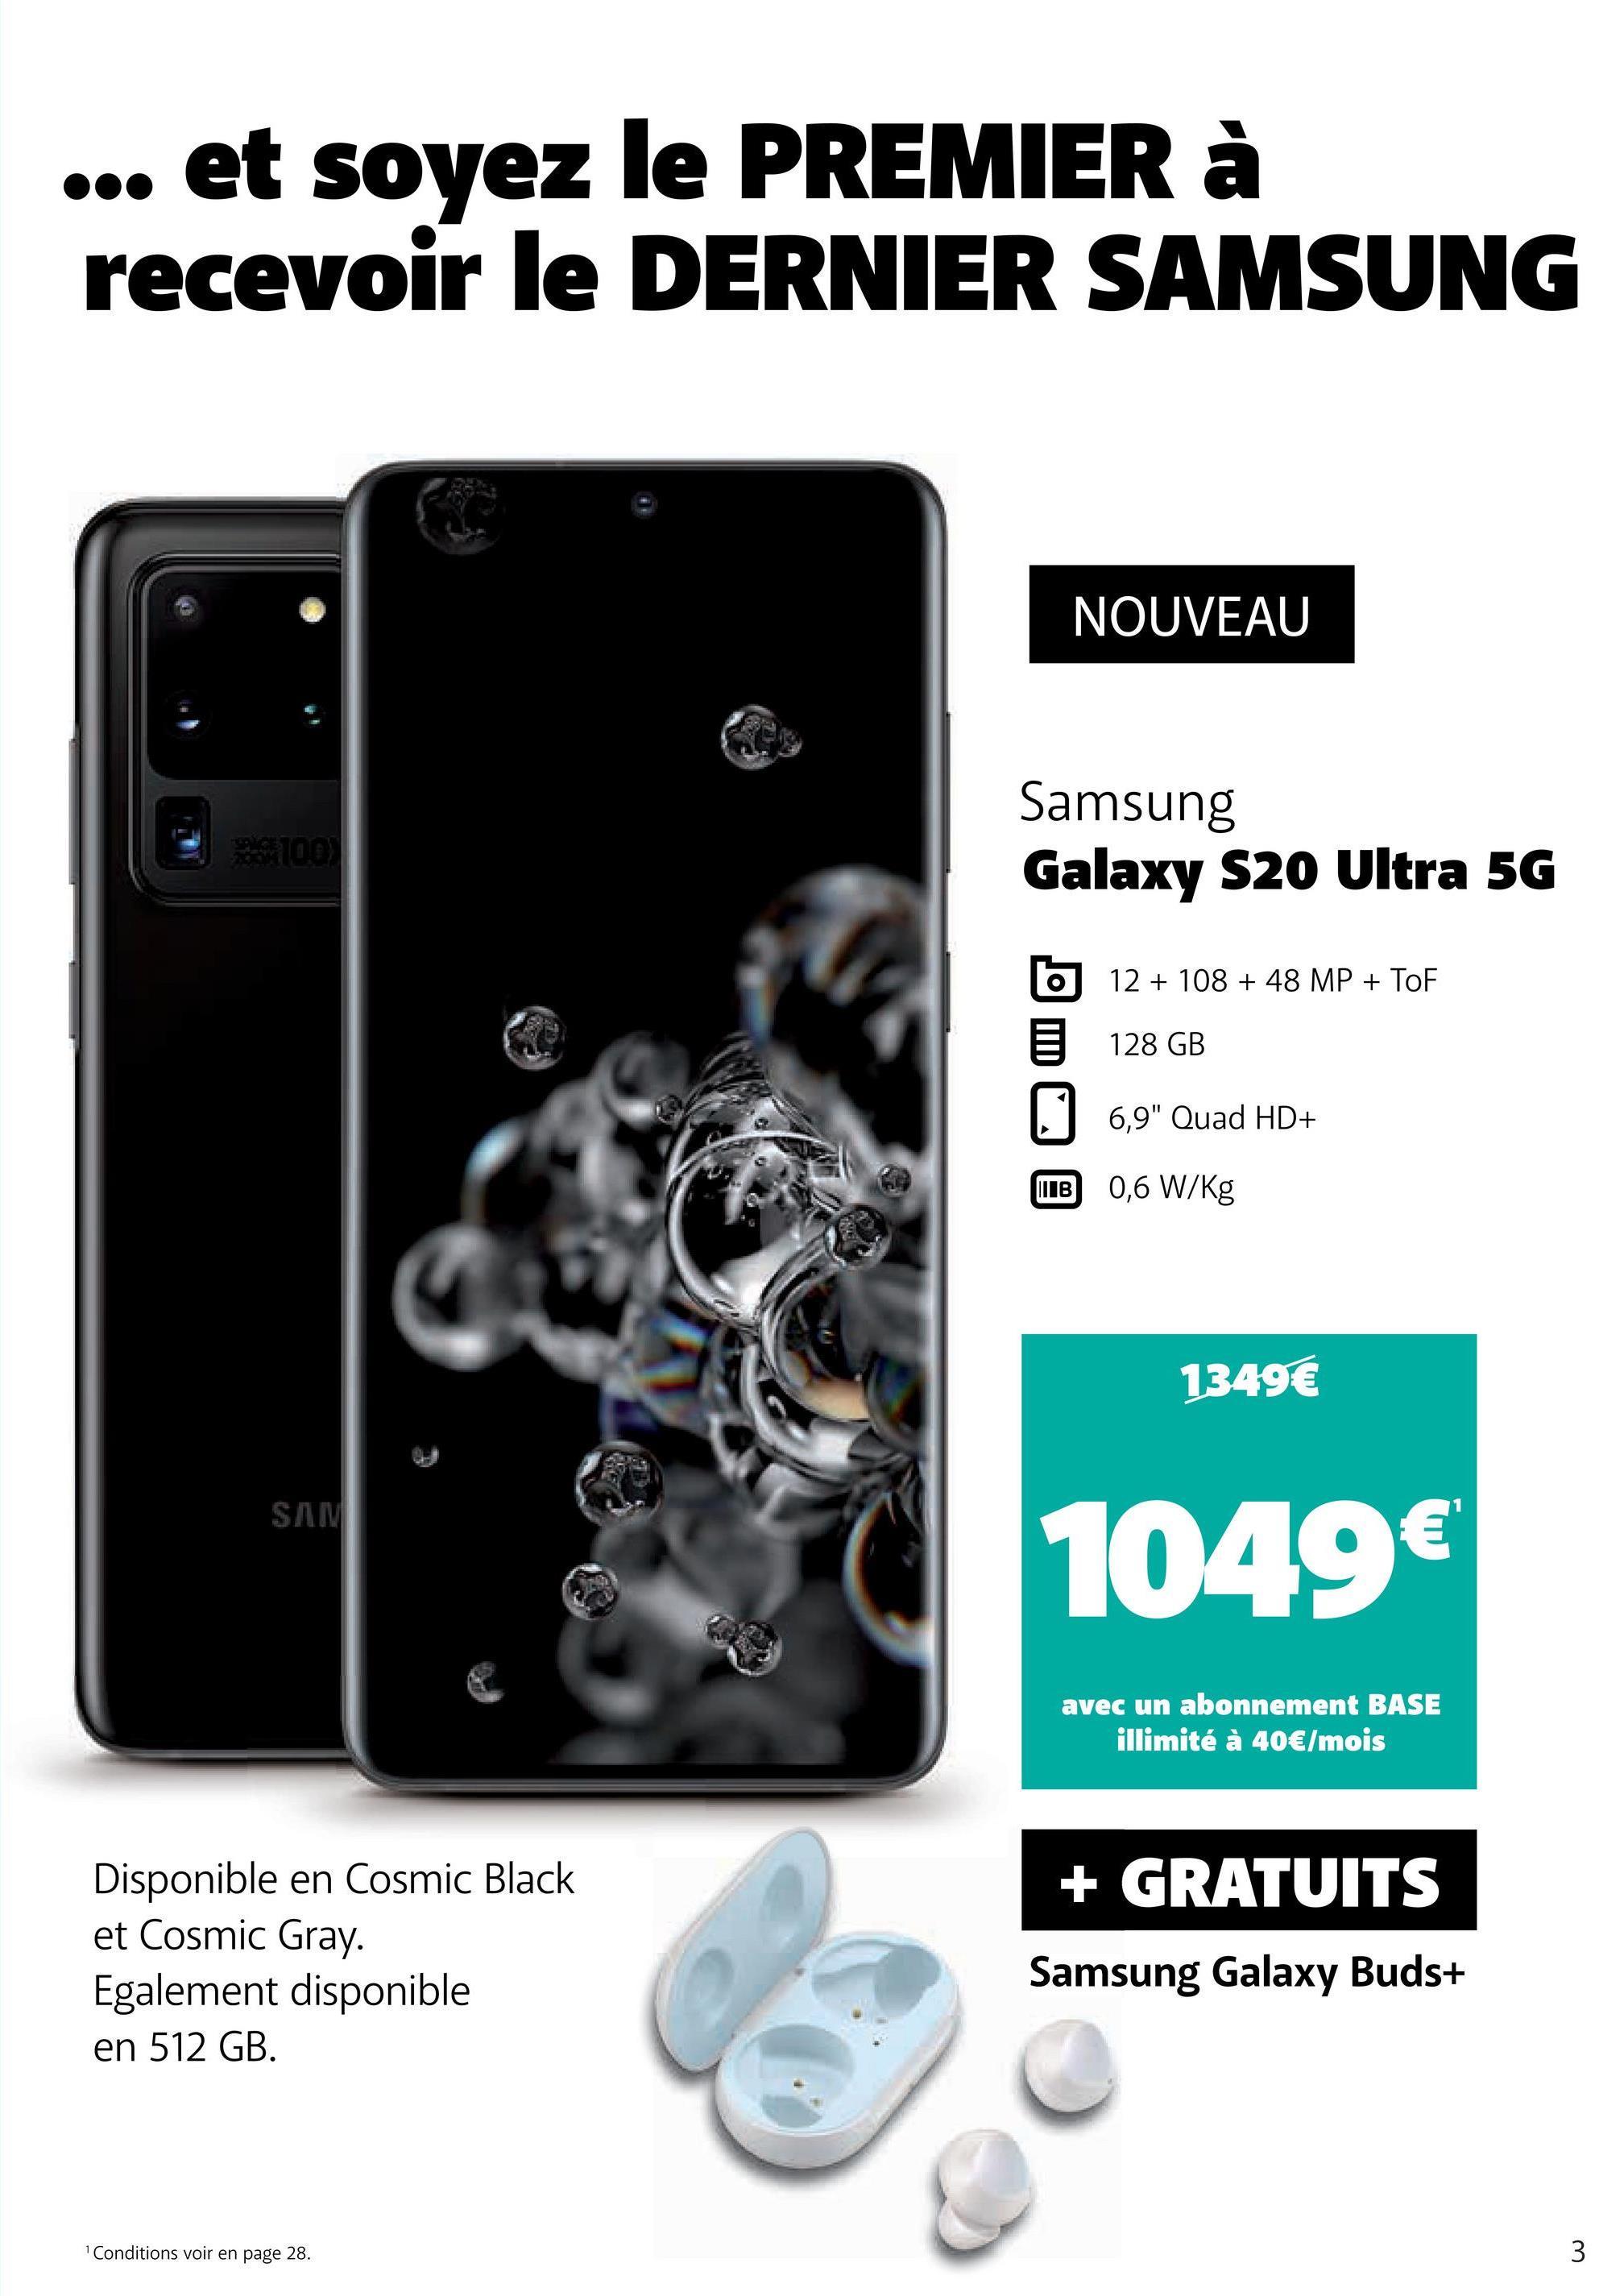 """... et soyez le PREMIER à recevoir le DERNIER SAMSUNG NOUVEAU Samsung Galaxy S20 Ultra 5G b 5 12 + 108 + 48 MP + Tof 128 GB 6,9"""" Quad HD+ B 0,6 W/Kg 1349€ SAM 1049€ avec un abonnement BASE illimité à 40€/mois Disponible en Cosmic Black et Cosmic Gray. Egalement disponible en 512 GB. + GRATUITS Samsung Galaxy Buds+ Conditions voir en page 28."""